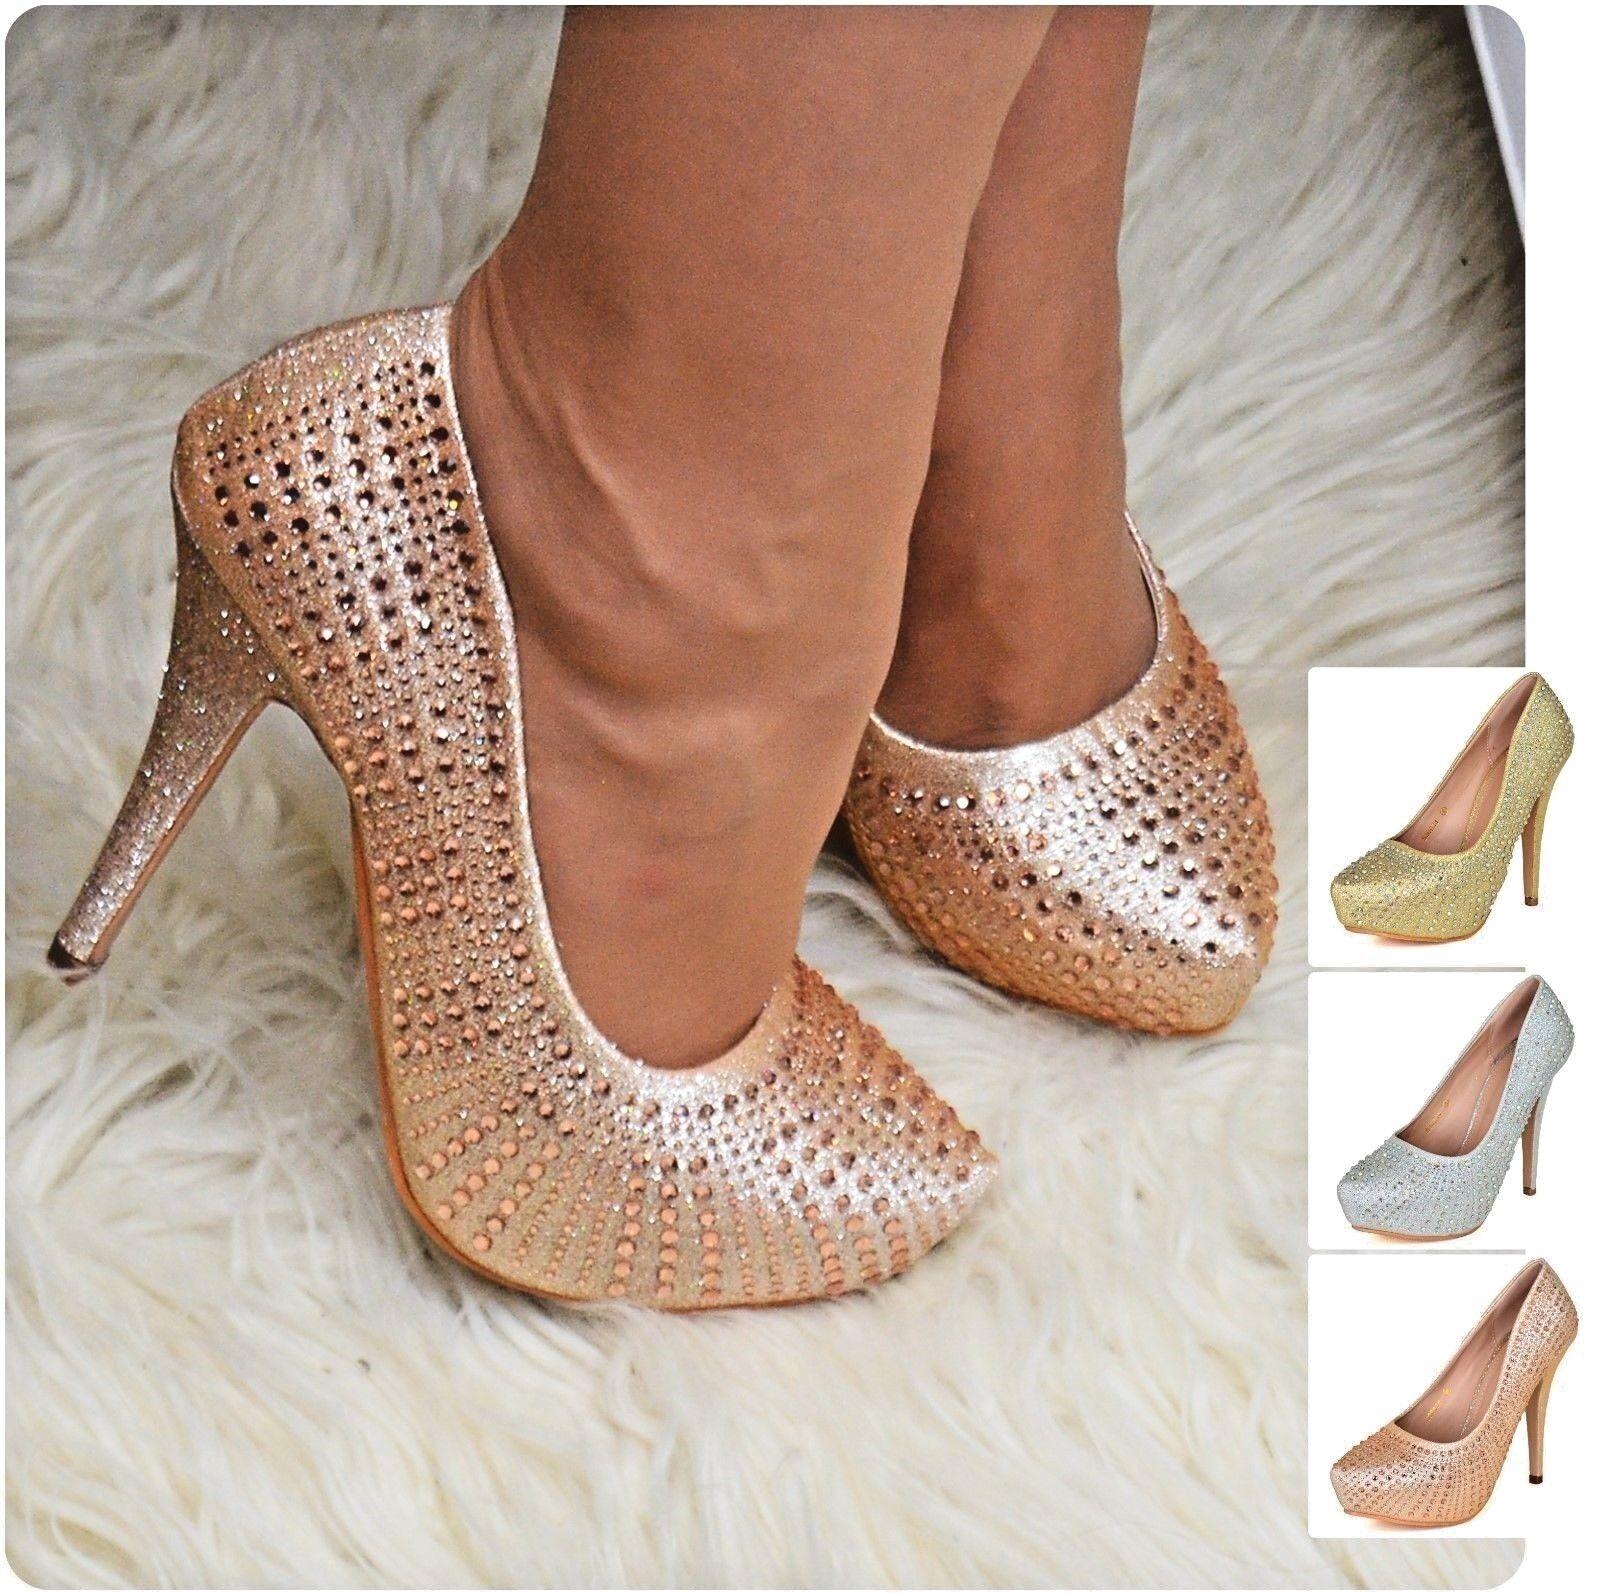 Women Platform Shoes Diamante Stiletto High Heel Evening Courts Party Pumps Size